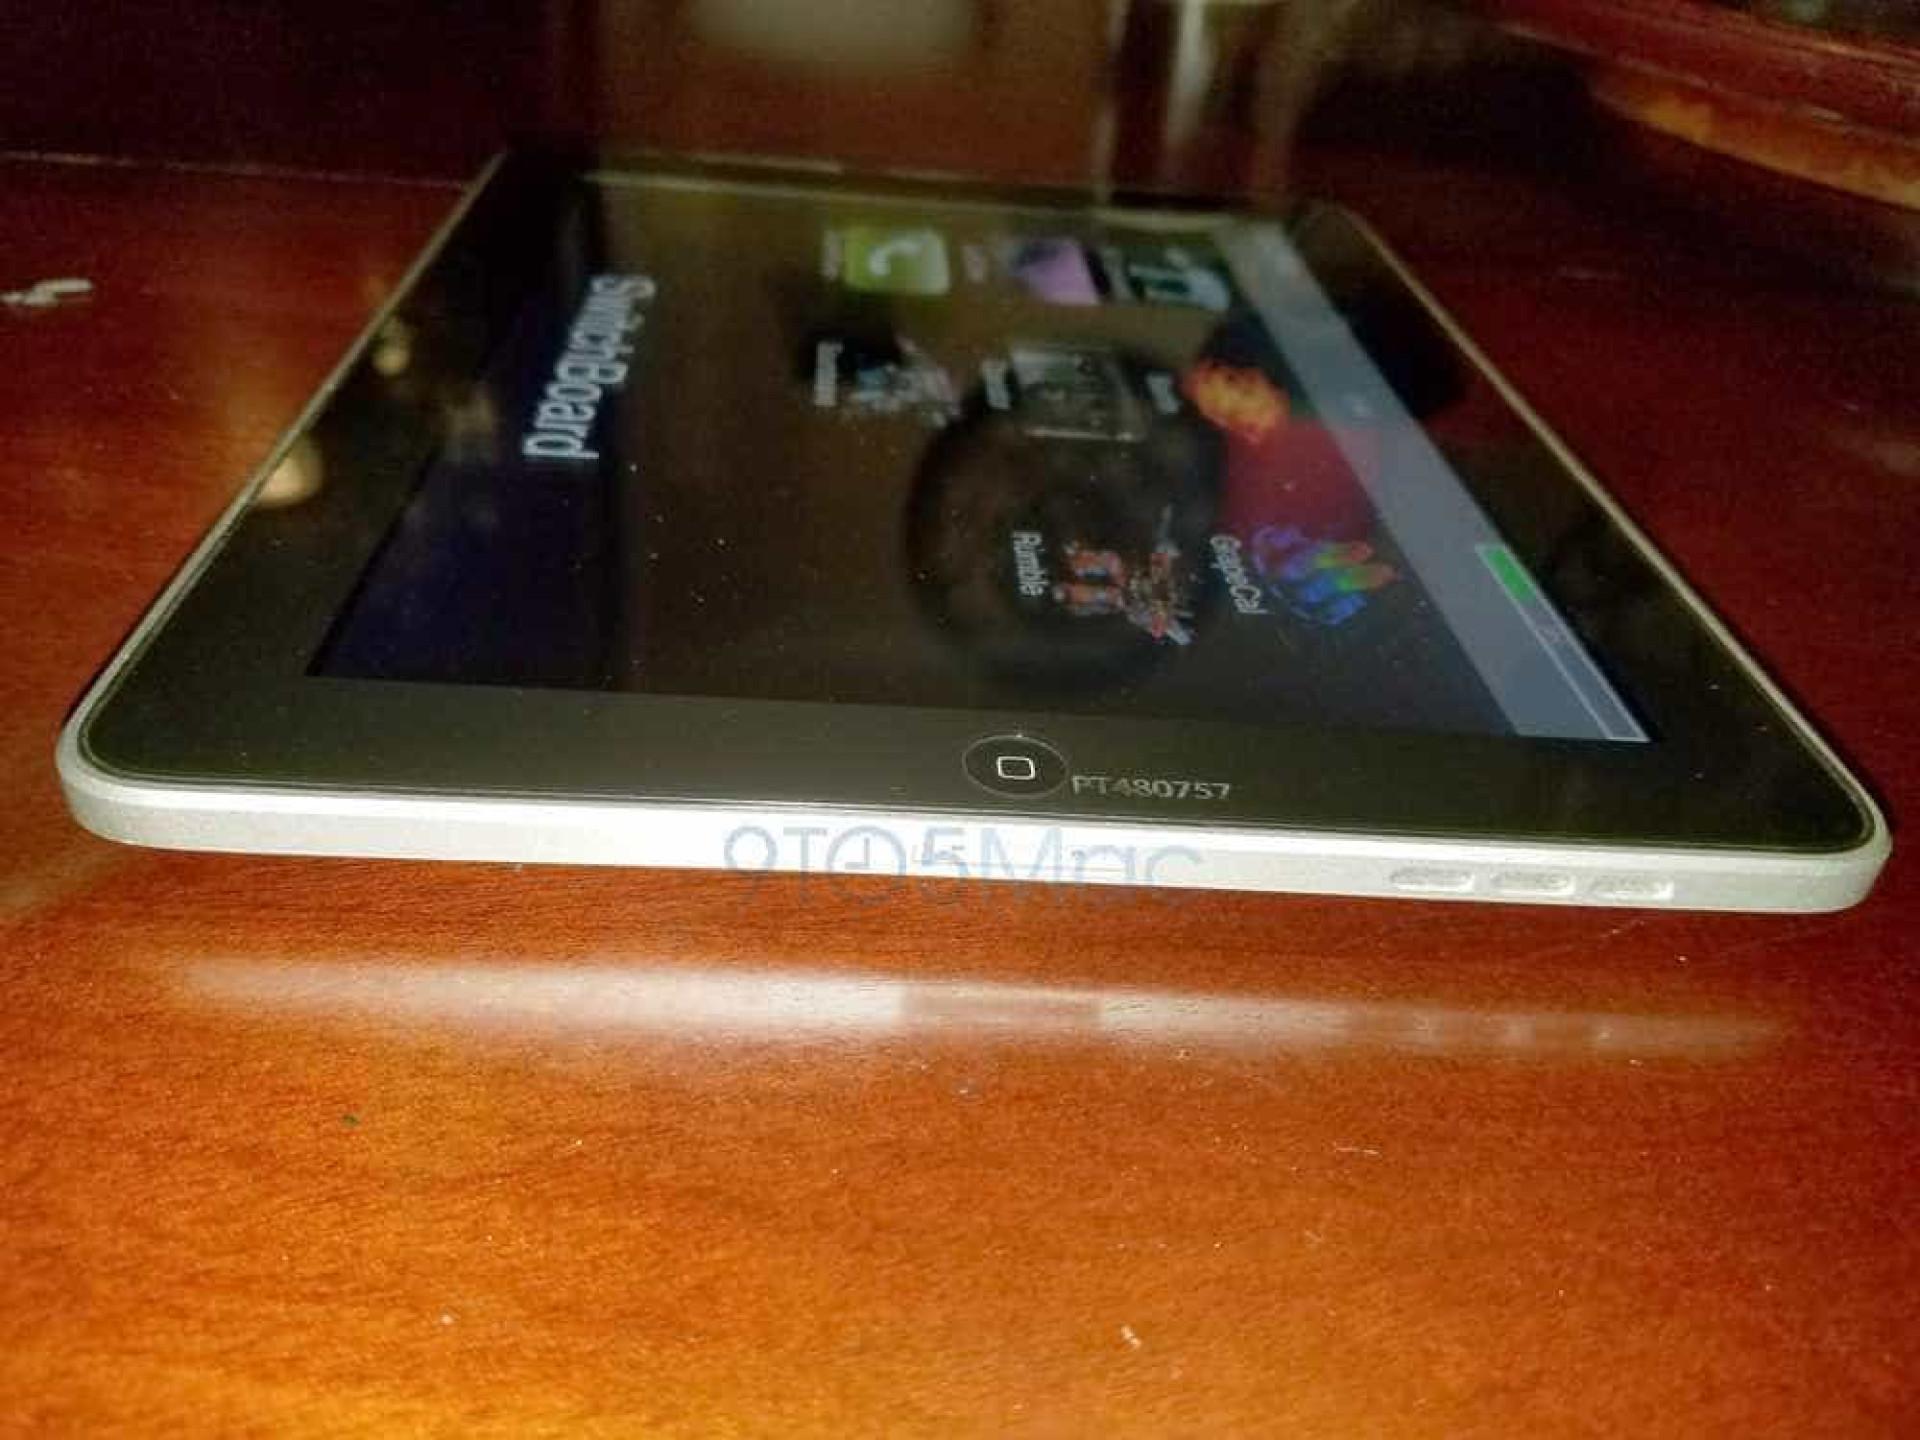 Foi com este protótipo que teve início o sucesso do iPad